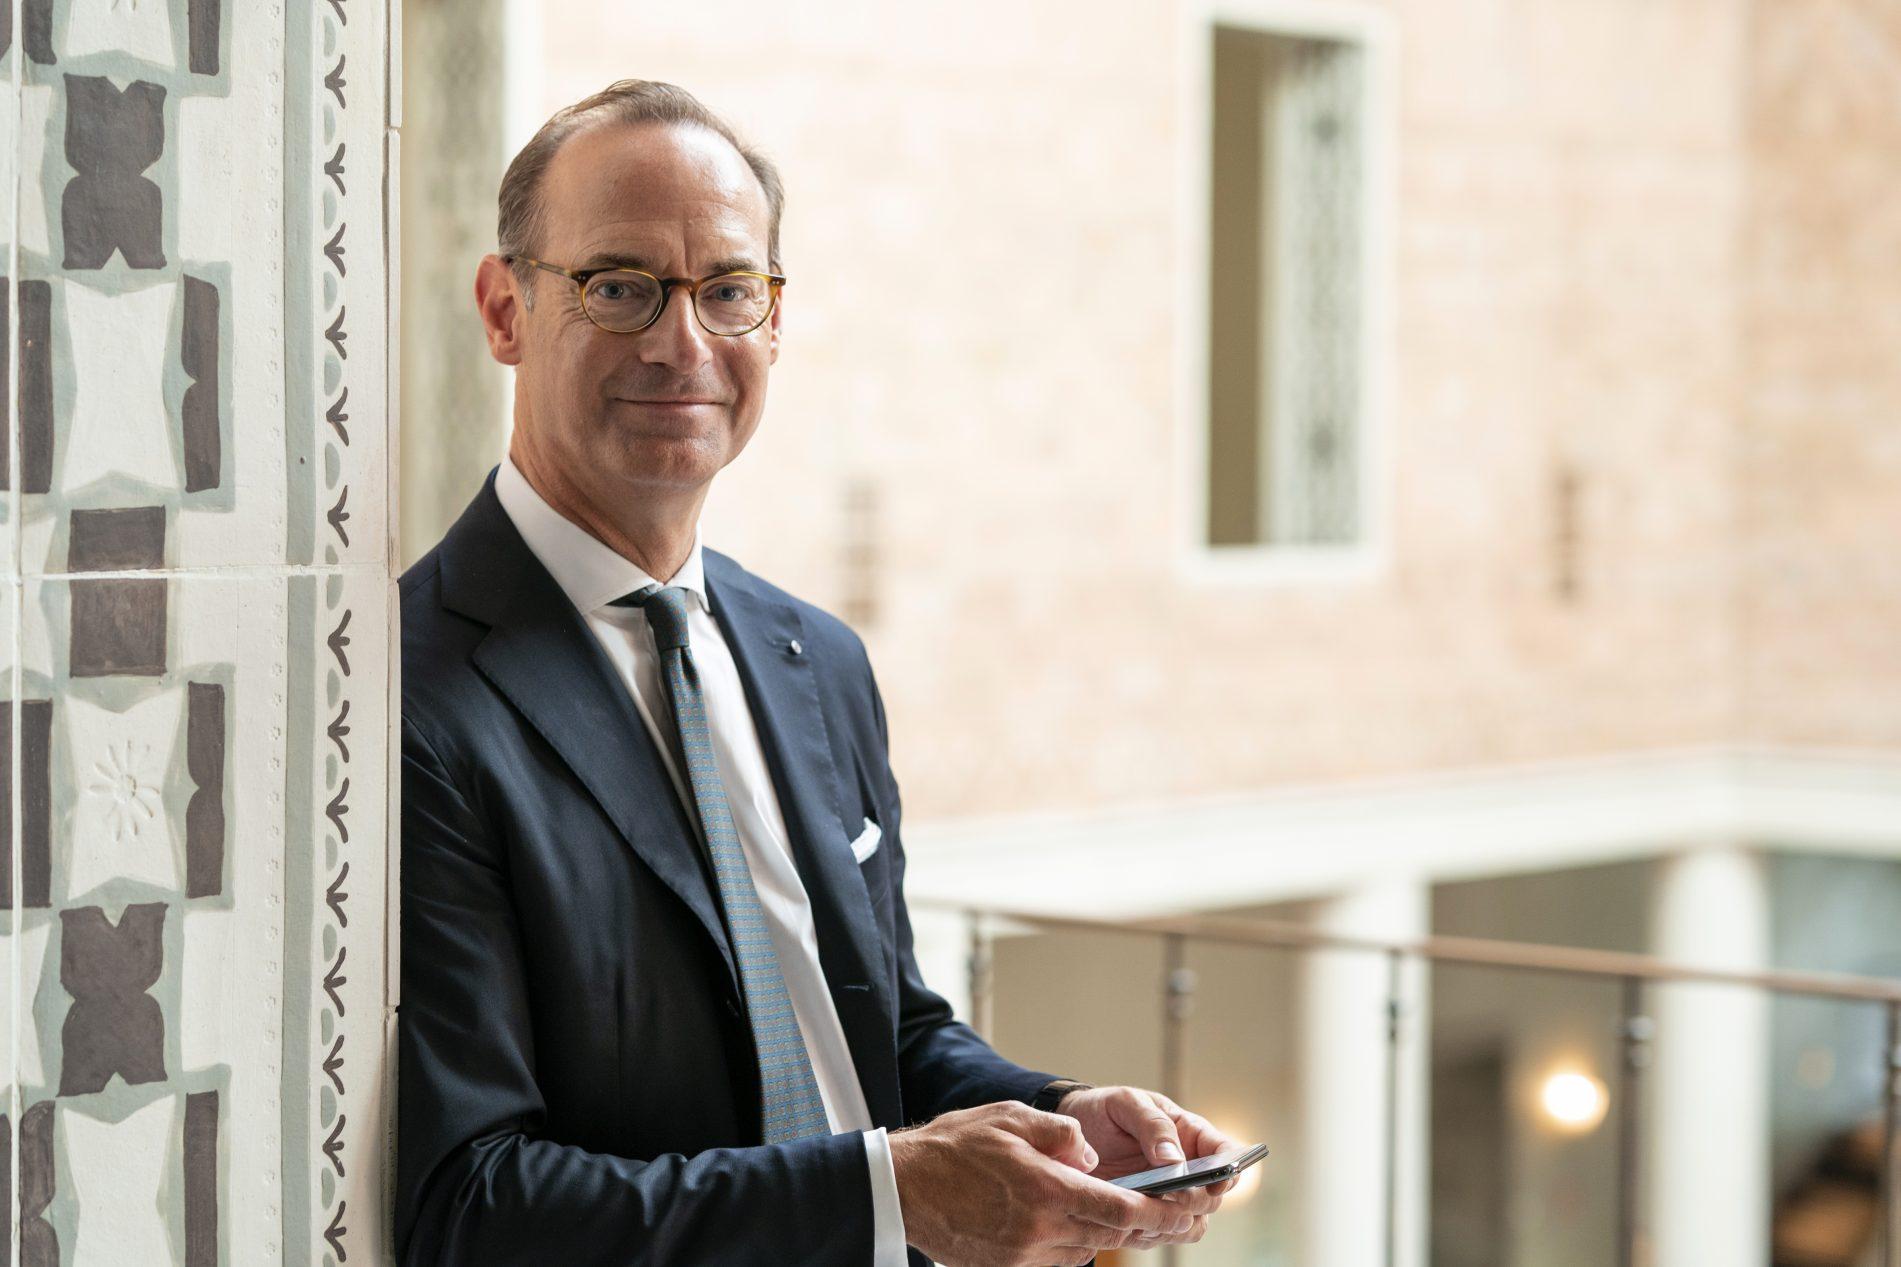 Oliver Bäte é CEO do Grupo Allianz / Divulgação